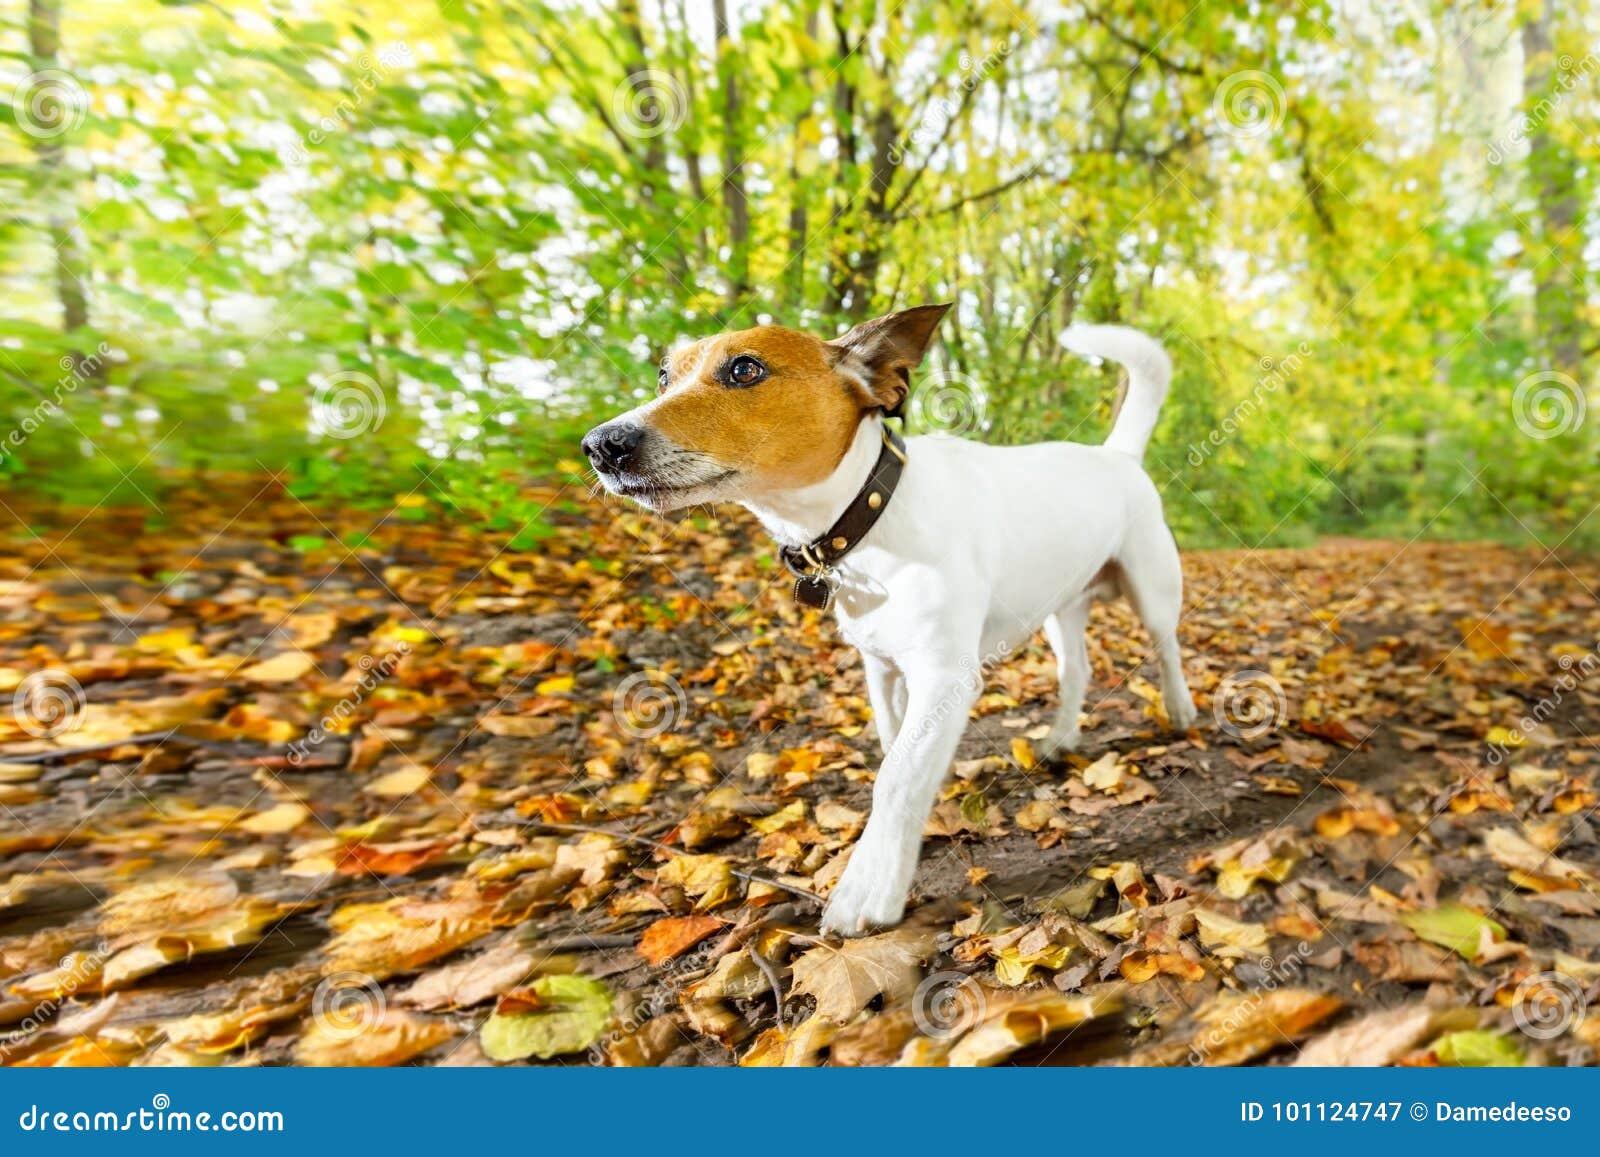 Hund, der in Herbst läuft oder geht